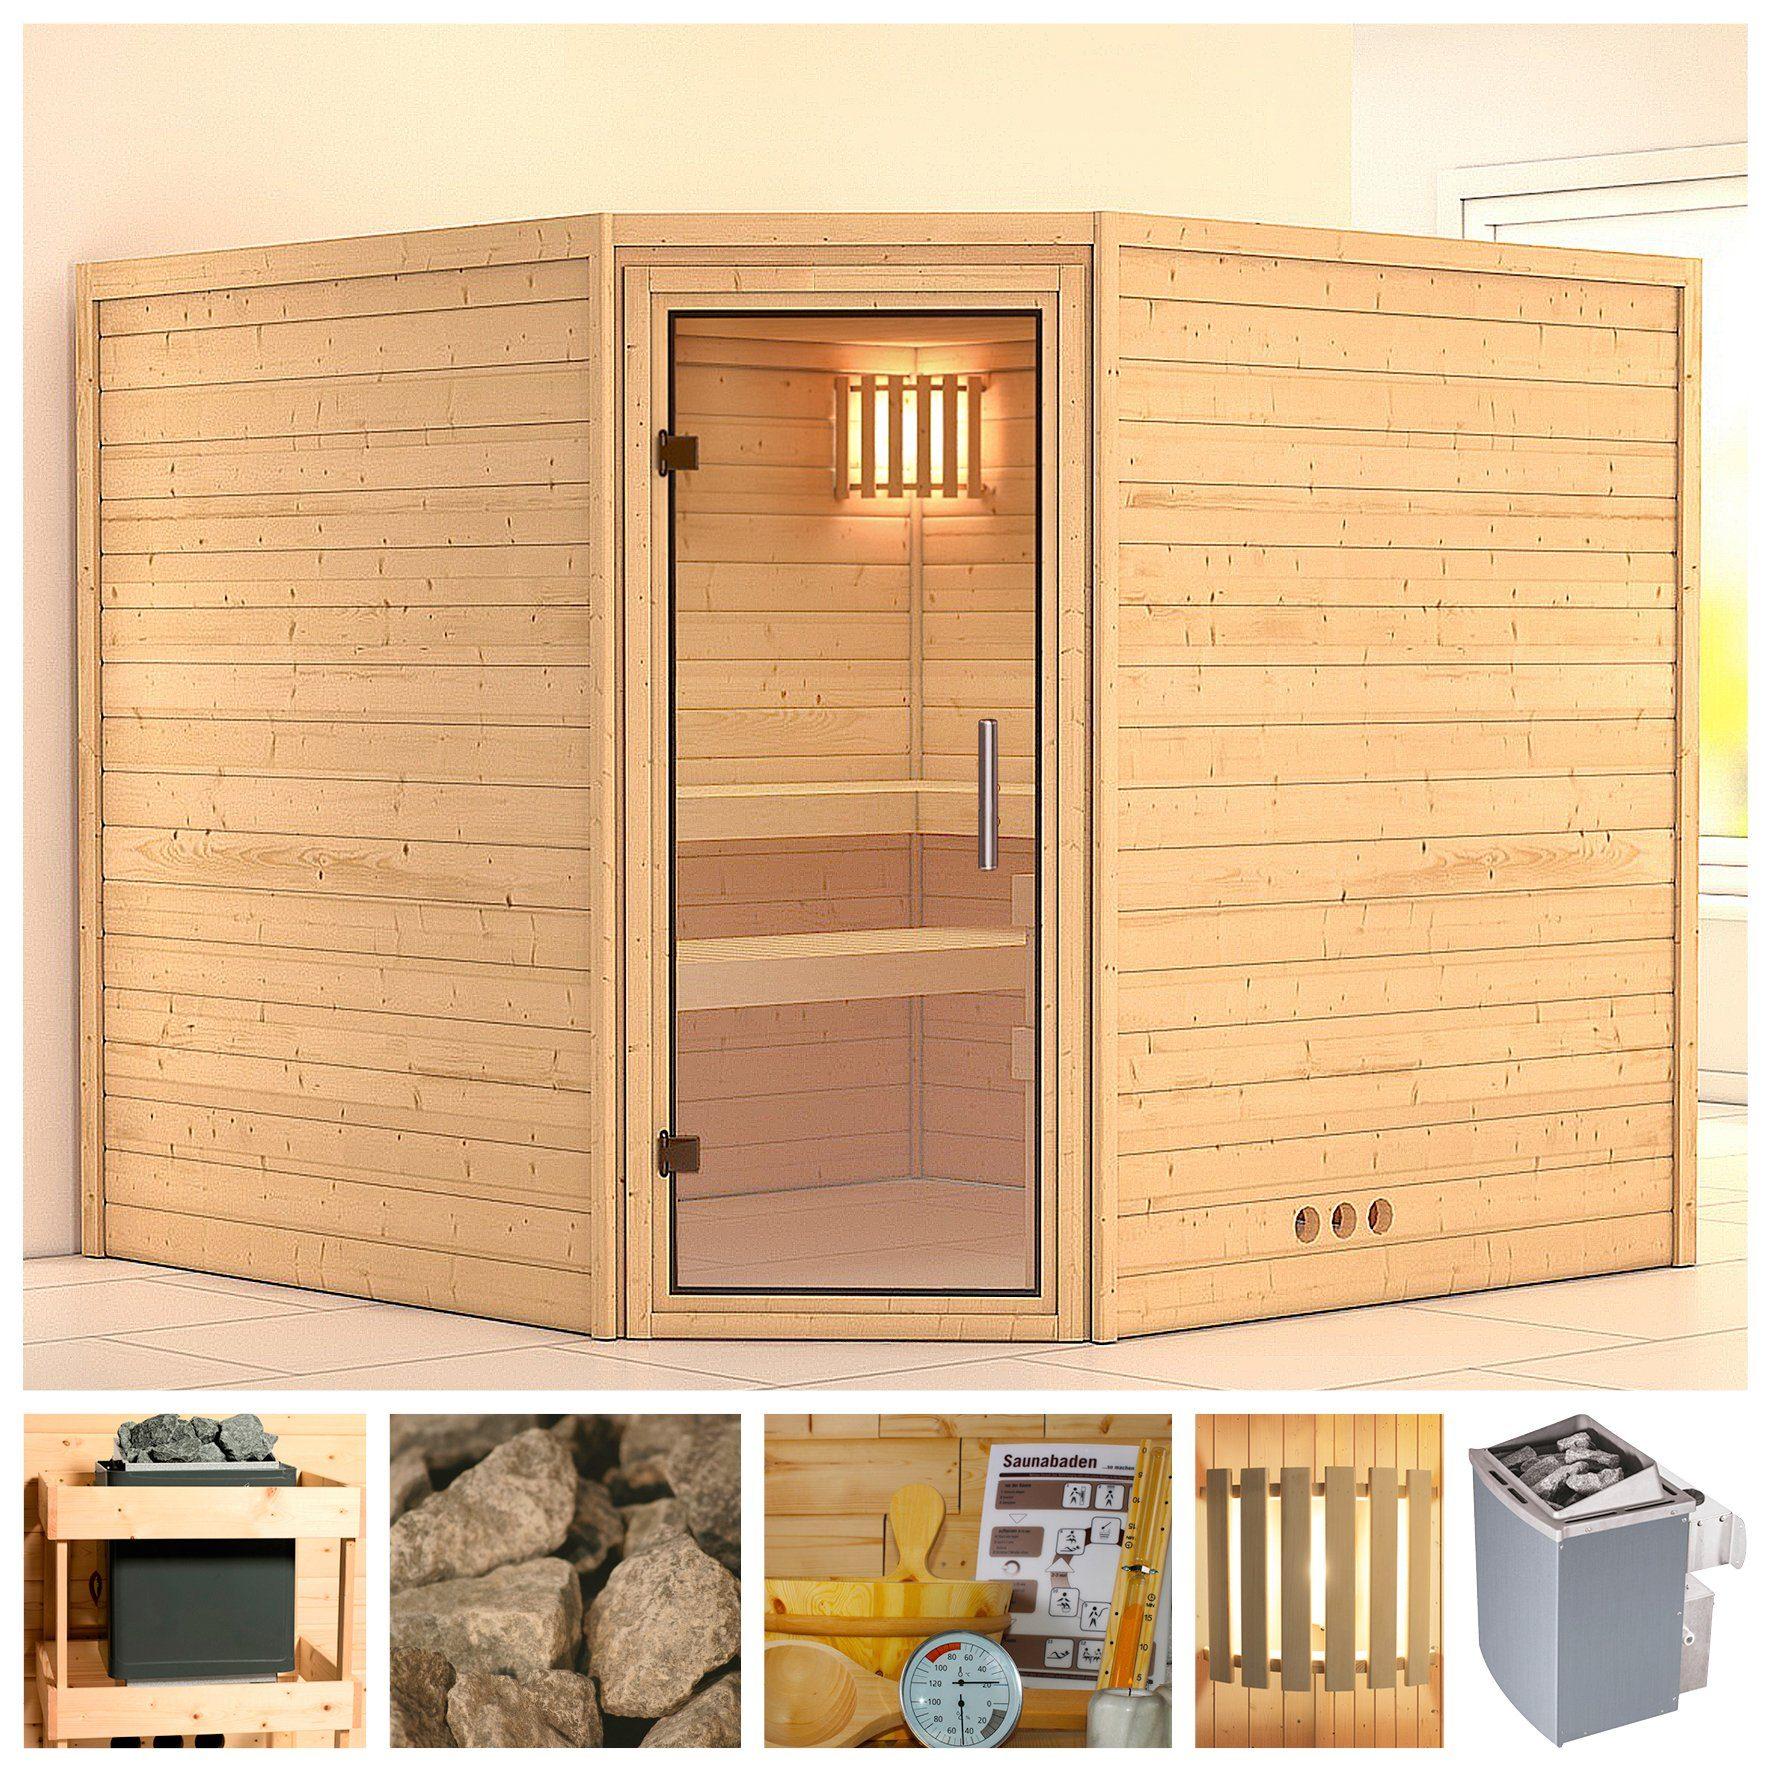 KONIFERA Sauna »Leona«, 231/231/200 cm, 9-kW-Ofen mit int. Steuerung, Glastür klar